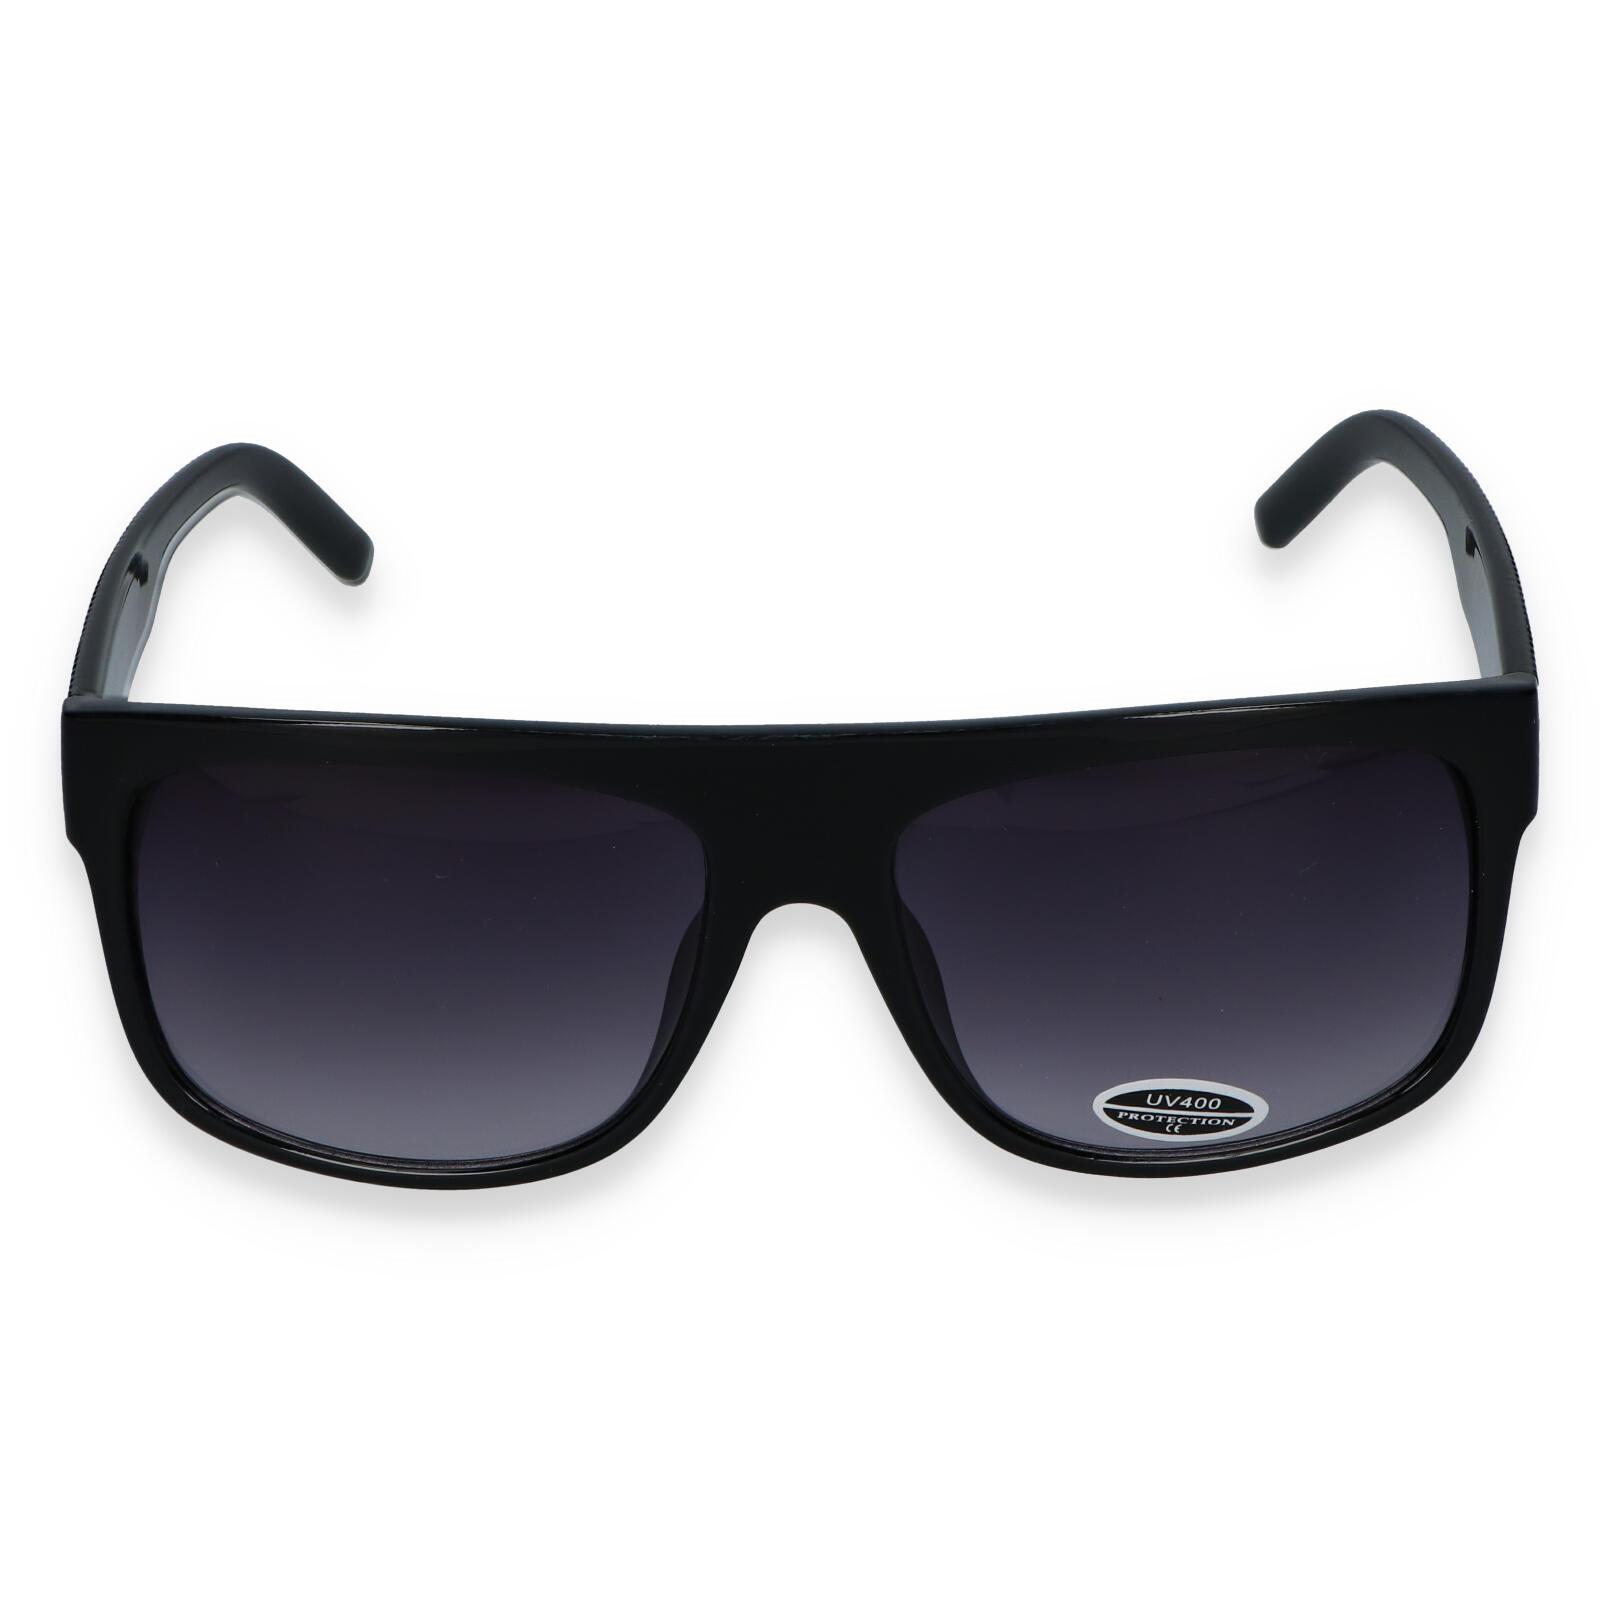 Dámské sluneční brýle černé - S2103 černá